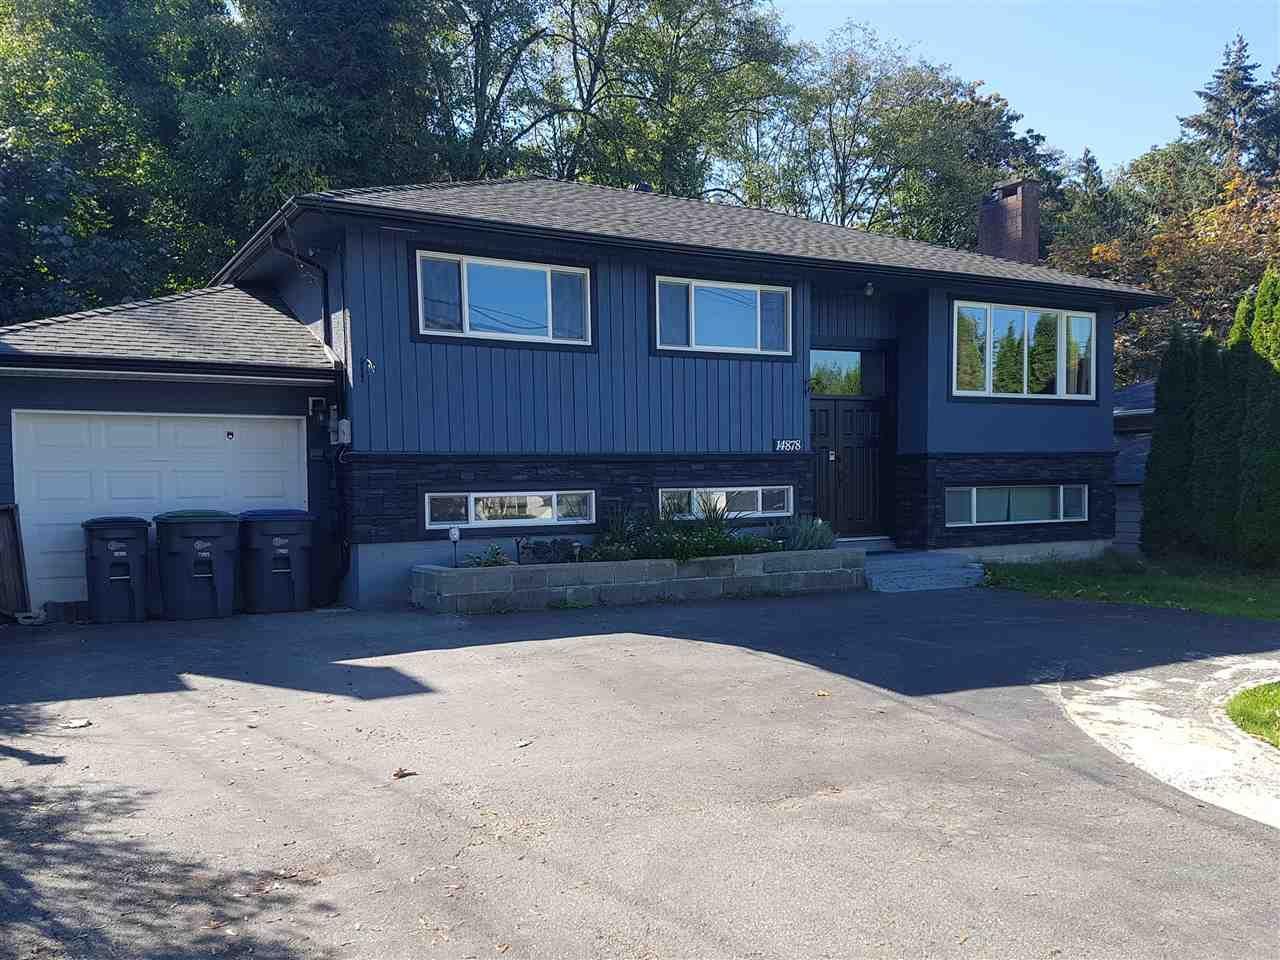 """Main Photo: 14878 GLEN AVON Drive in Surrey: Bolivar Heights House for sale in """"BIRDLAND"""" (North Surrey)  : MLS®# R2312330"""